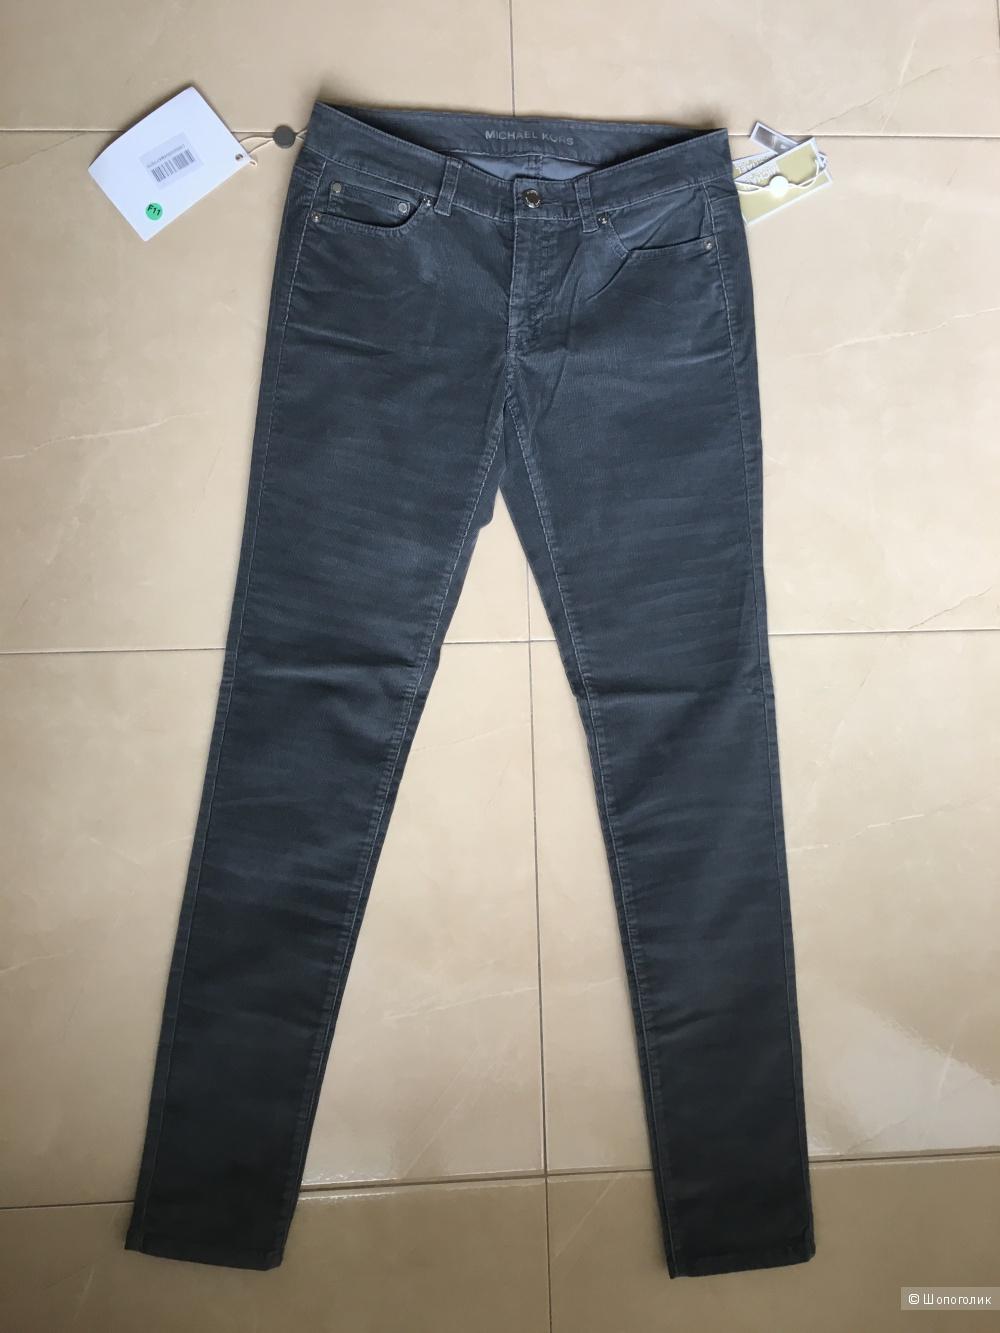 Новые брюки MICHAEL MICHAEL KORS размер 2 US